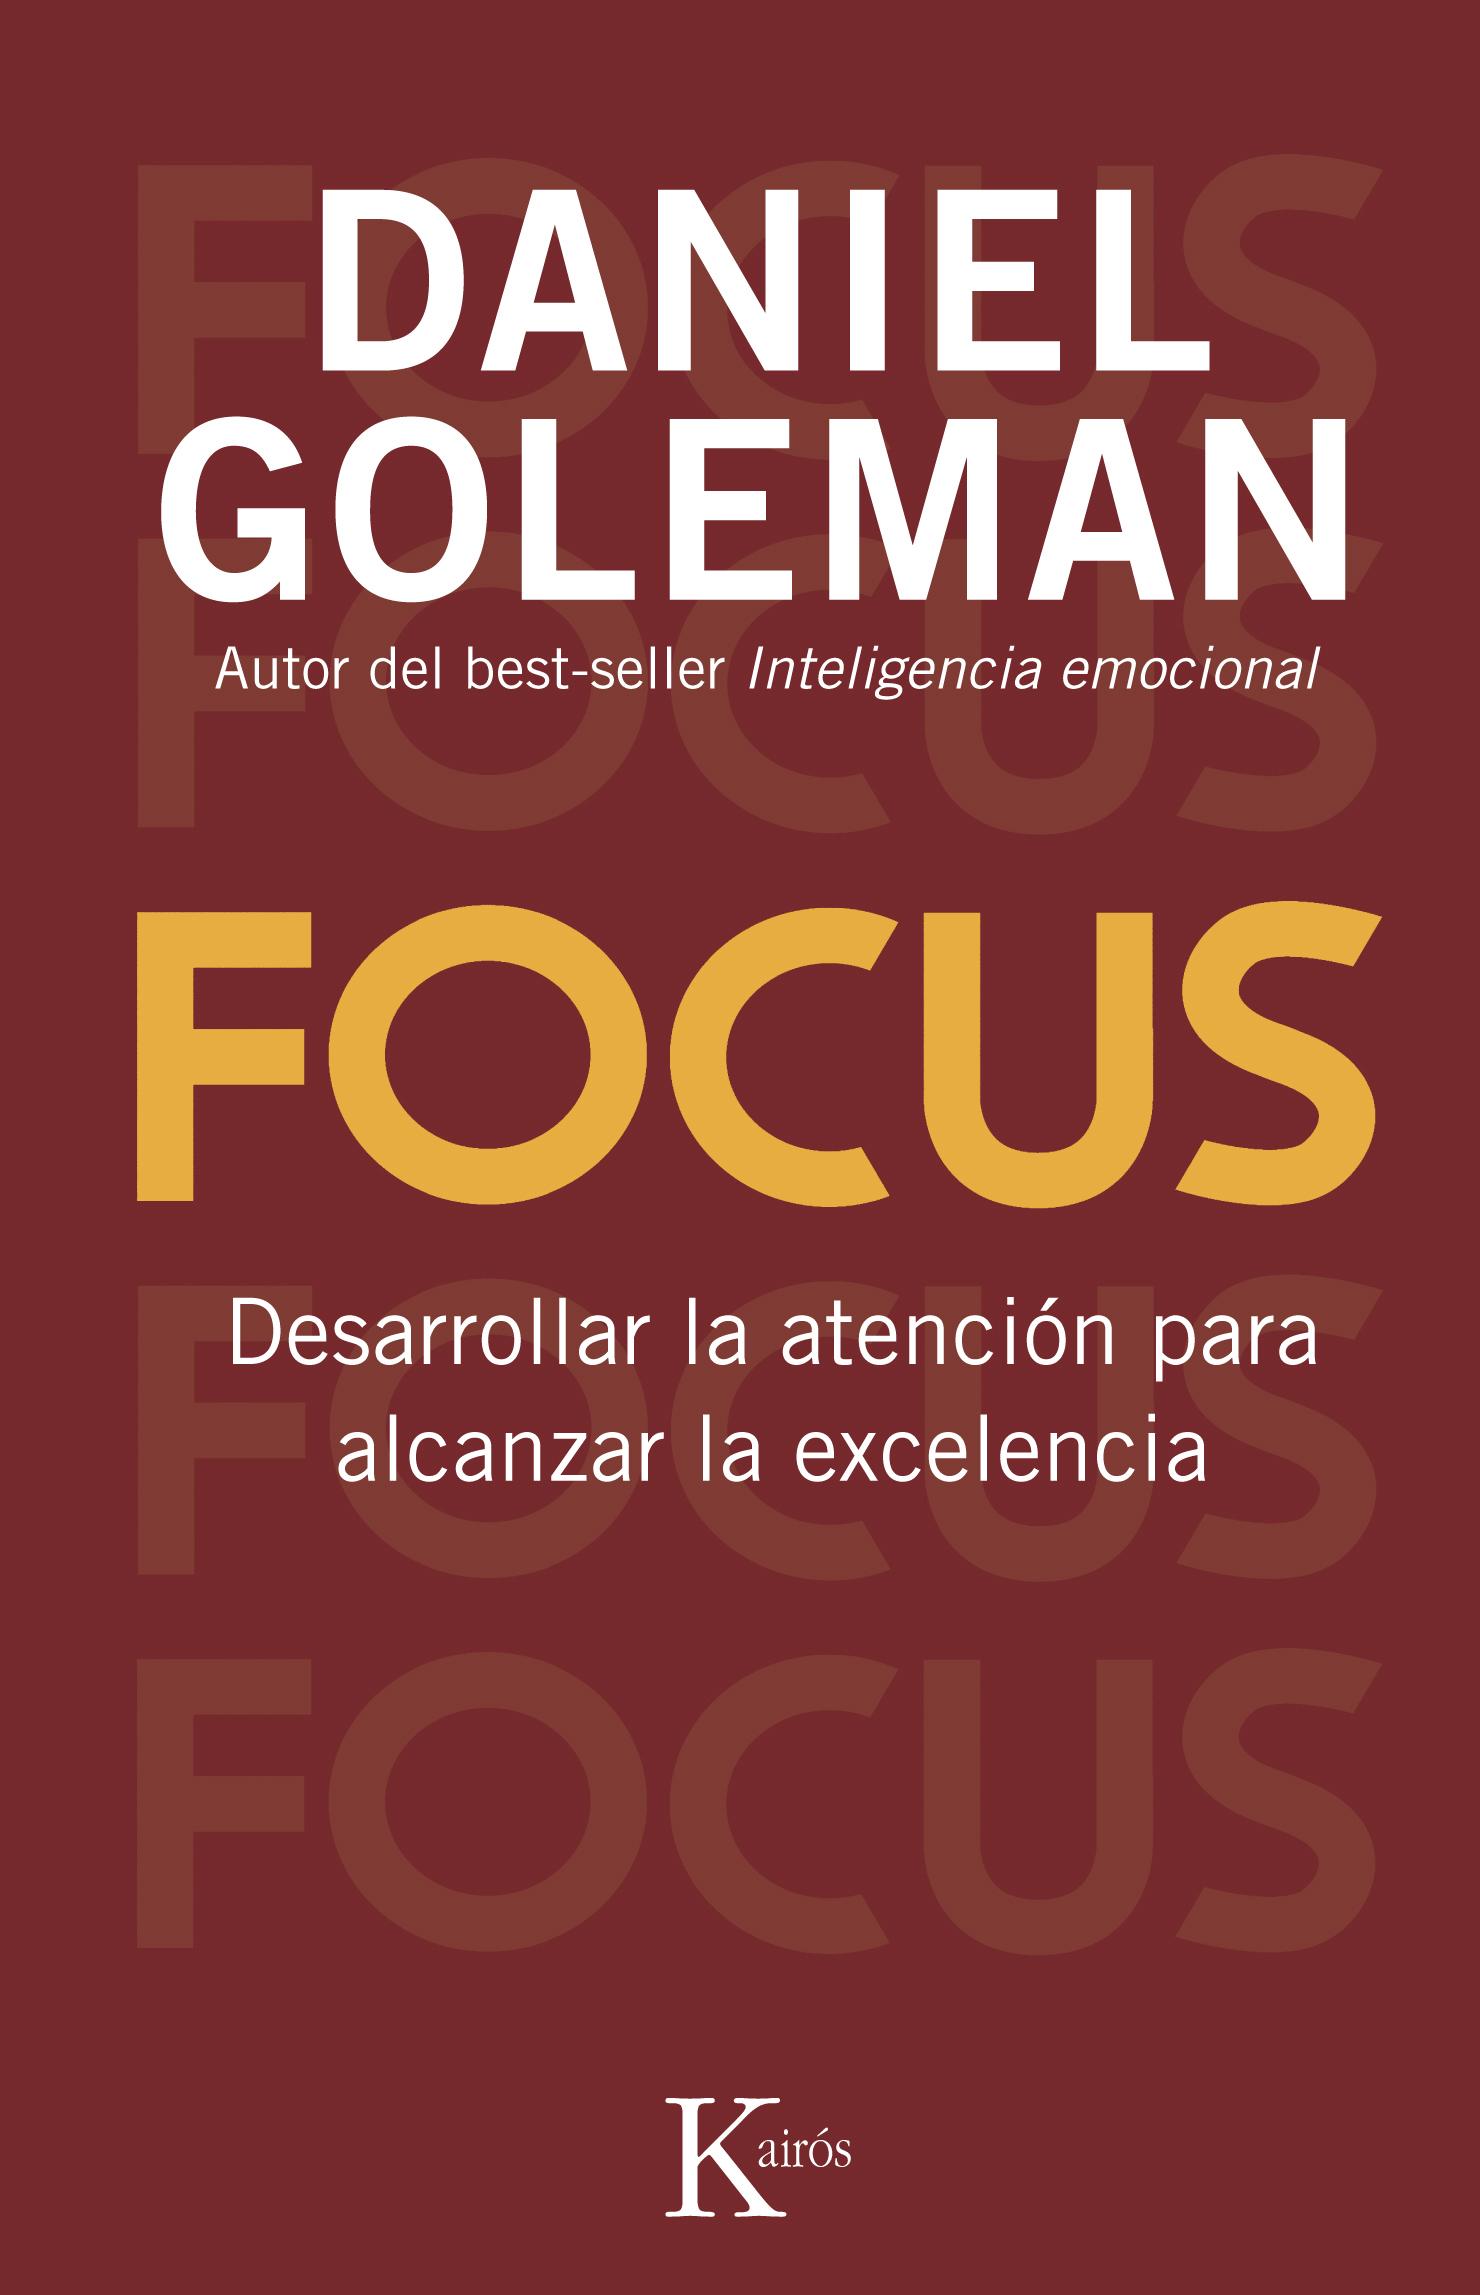 Focus Daniel Goleman